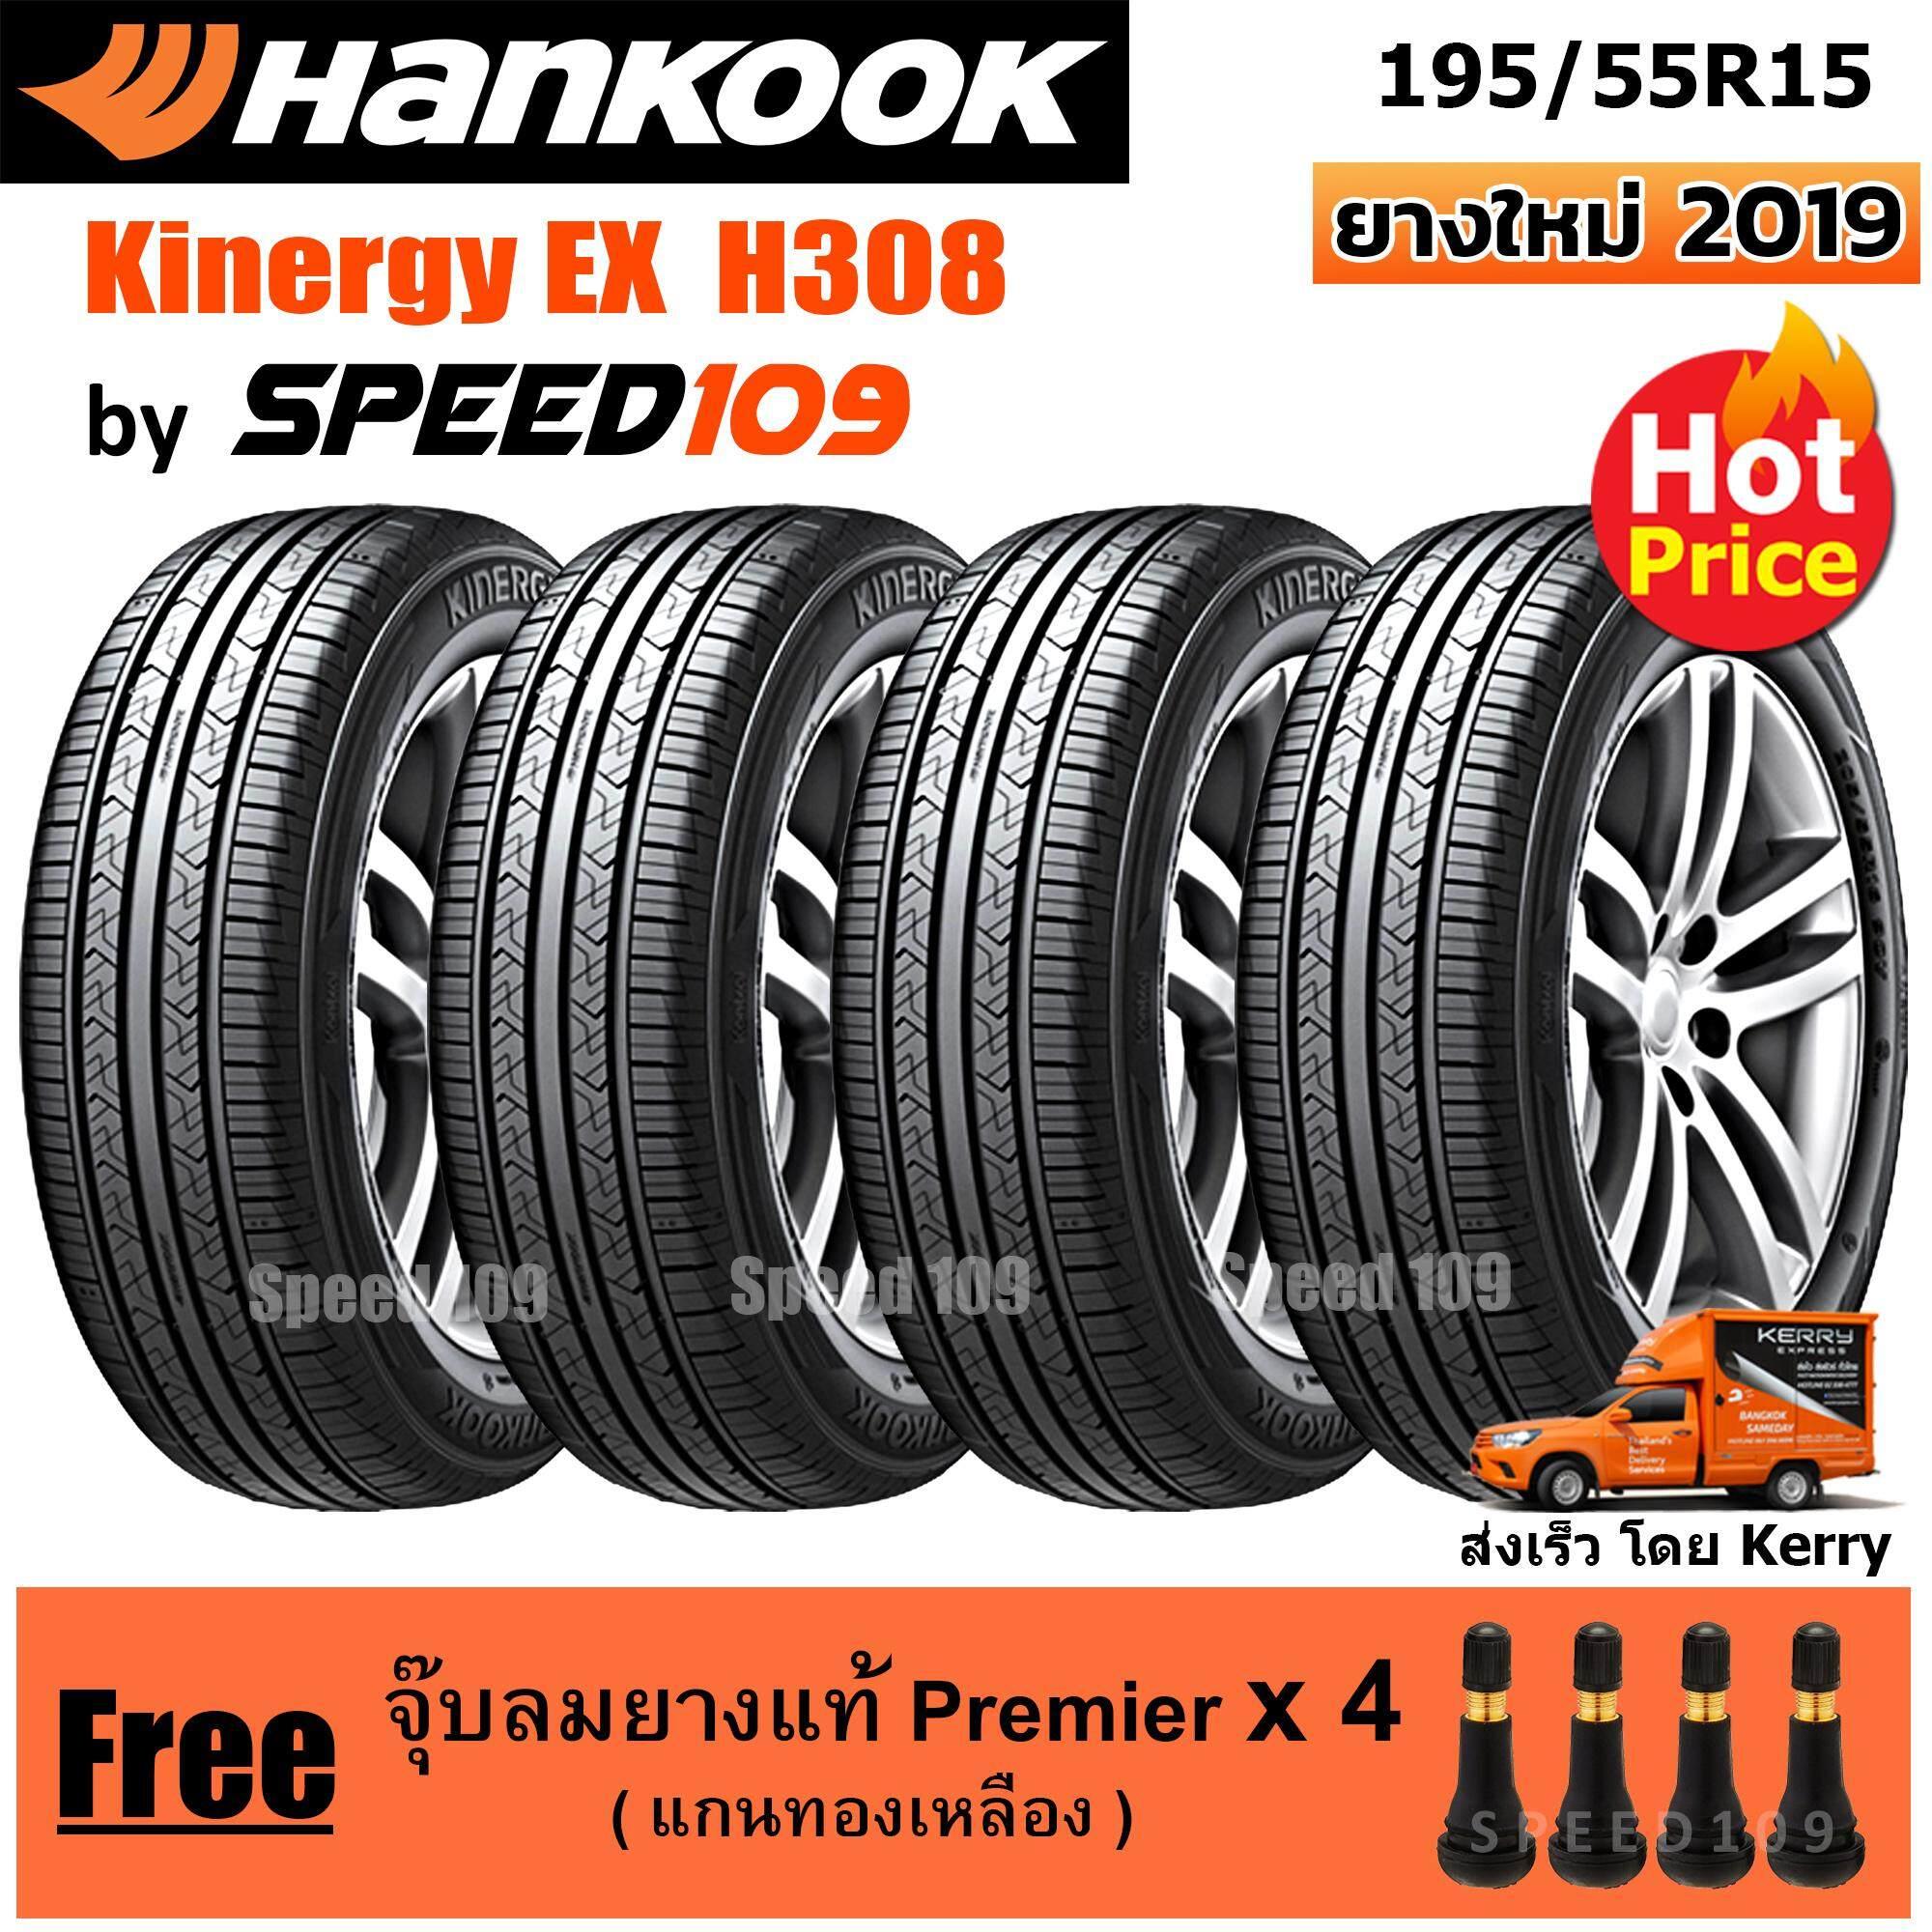 ประกันภัย รถยนต์ แบบ ผ่อน ได้ สิงห์บุรี HANKOOK ยางรถยนต์ ขอบ 15 ขนาด 195/55R15 รุ่น Kinergy EX H308 - 4 เส้น (ปี 2019)